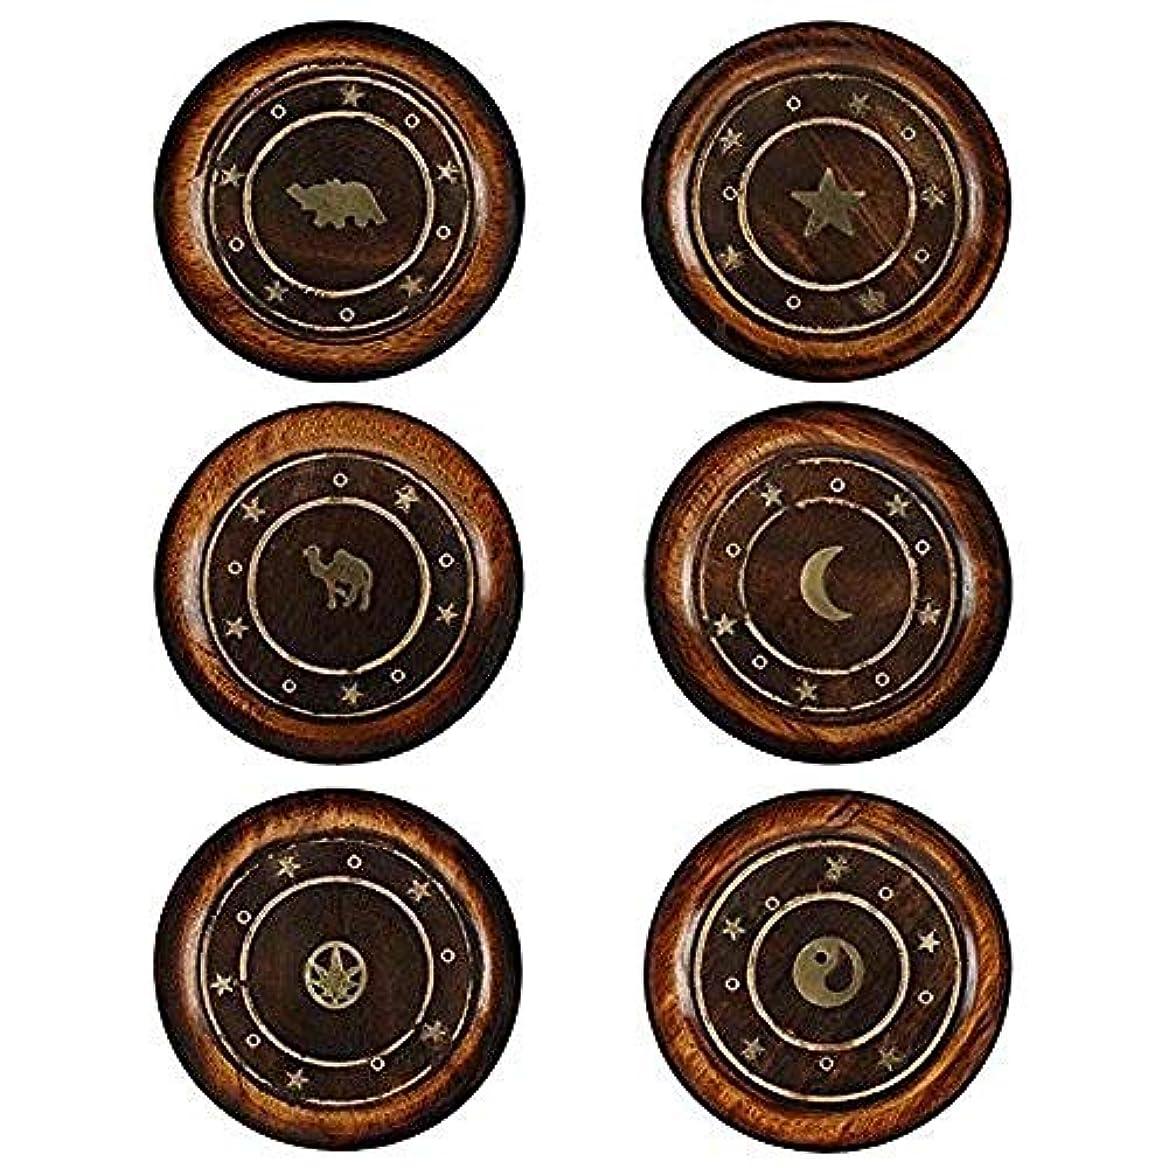 ドレスご予約意欲Mangowood Round Plate Incense Holder with Brass Inlay